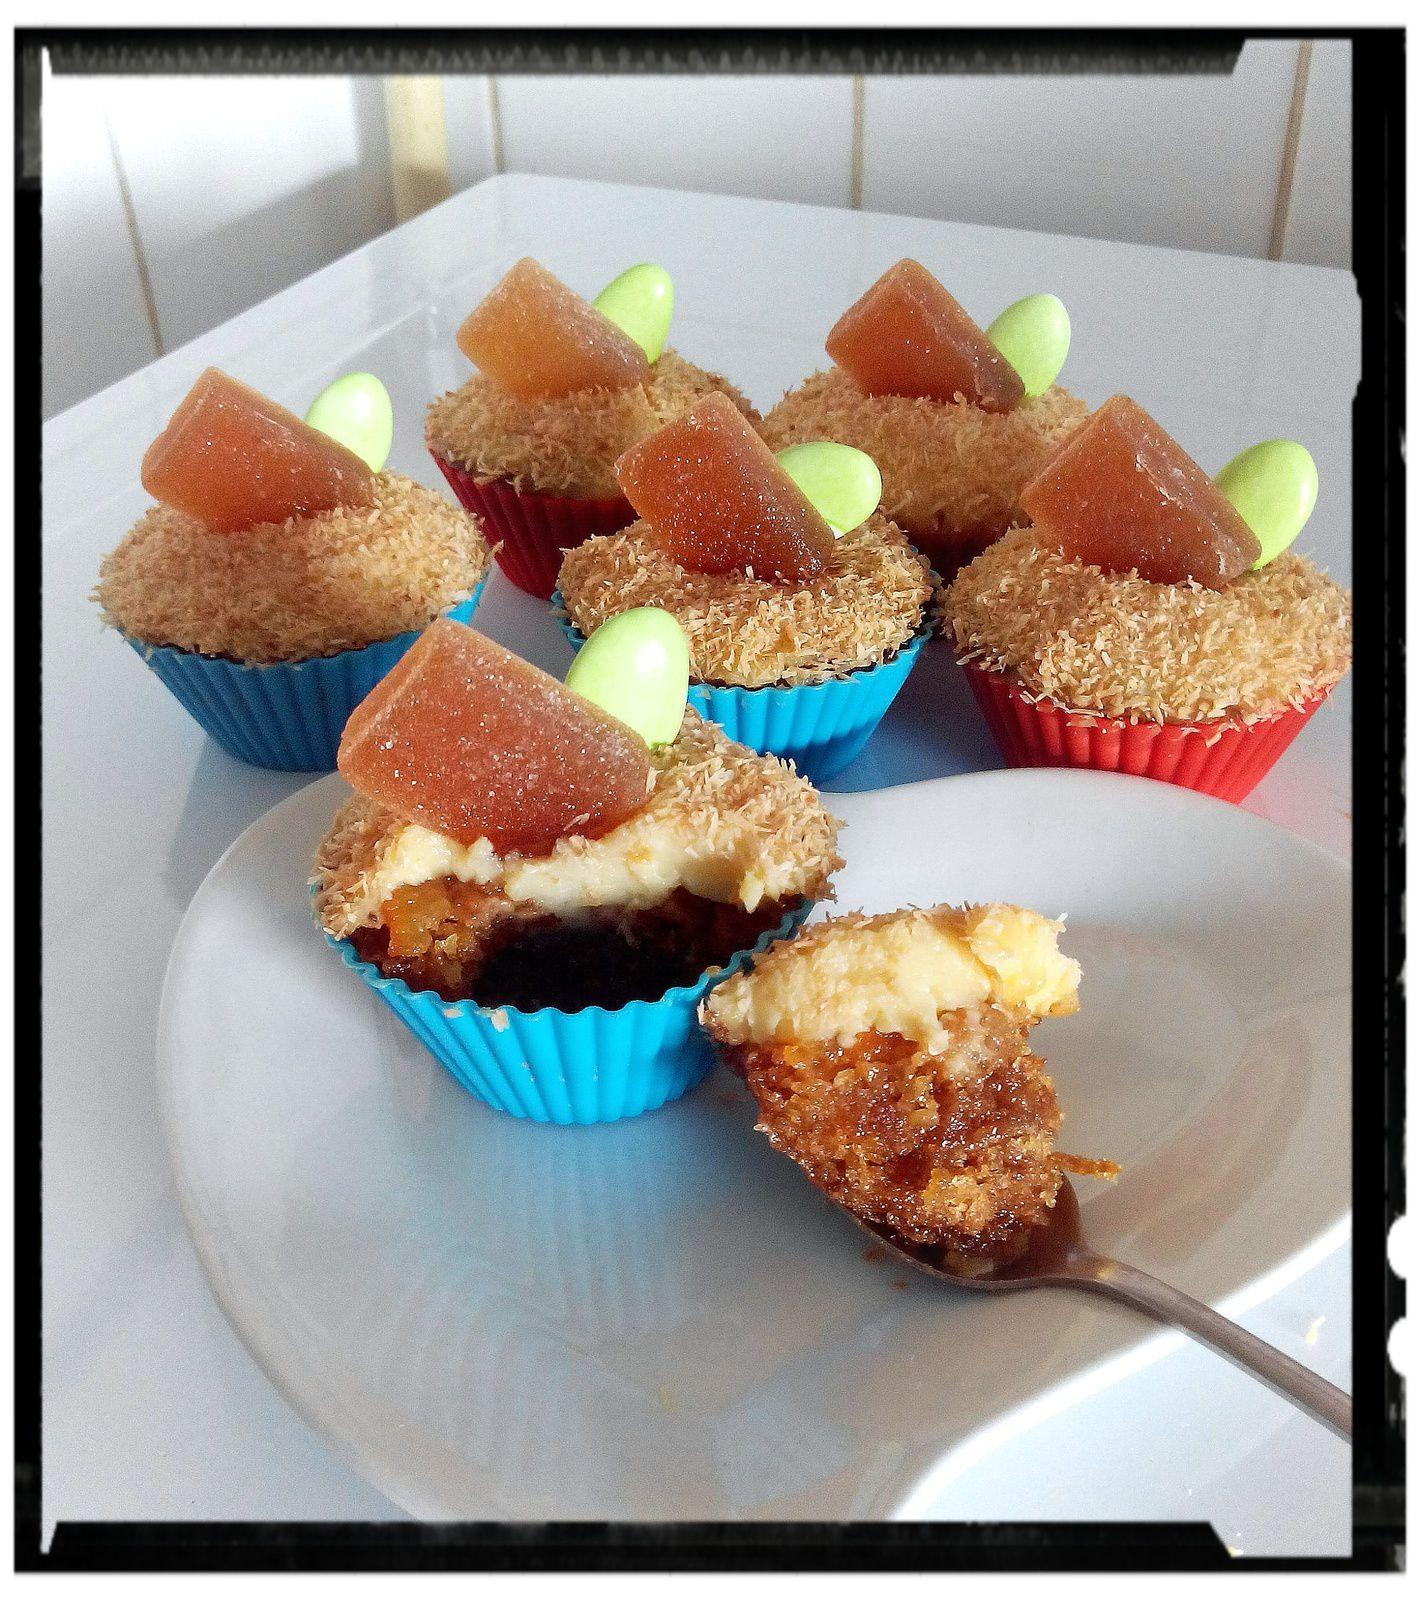 Cupcake fondant à l'orange à la crème au rhum et coco grillée et pâte de fruit maison